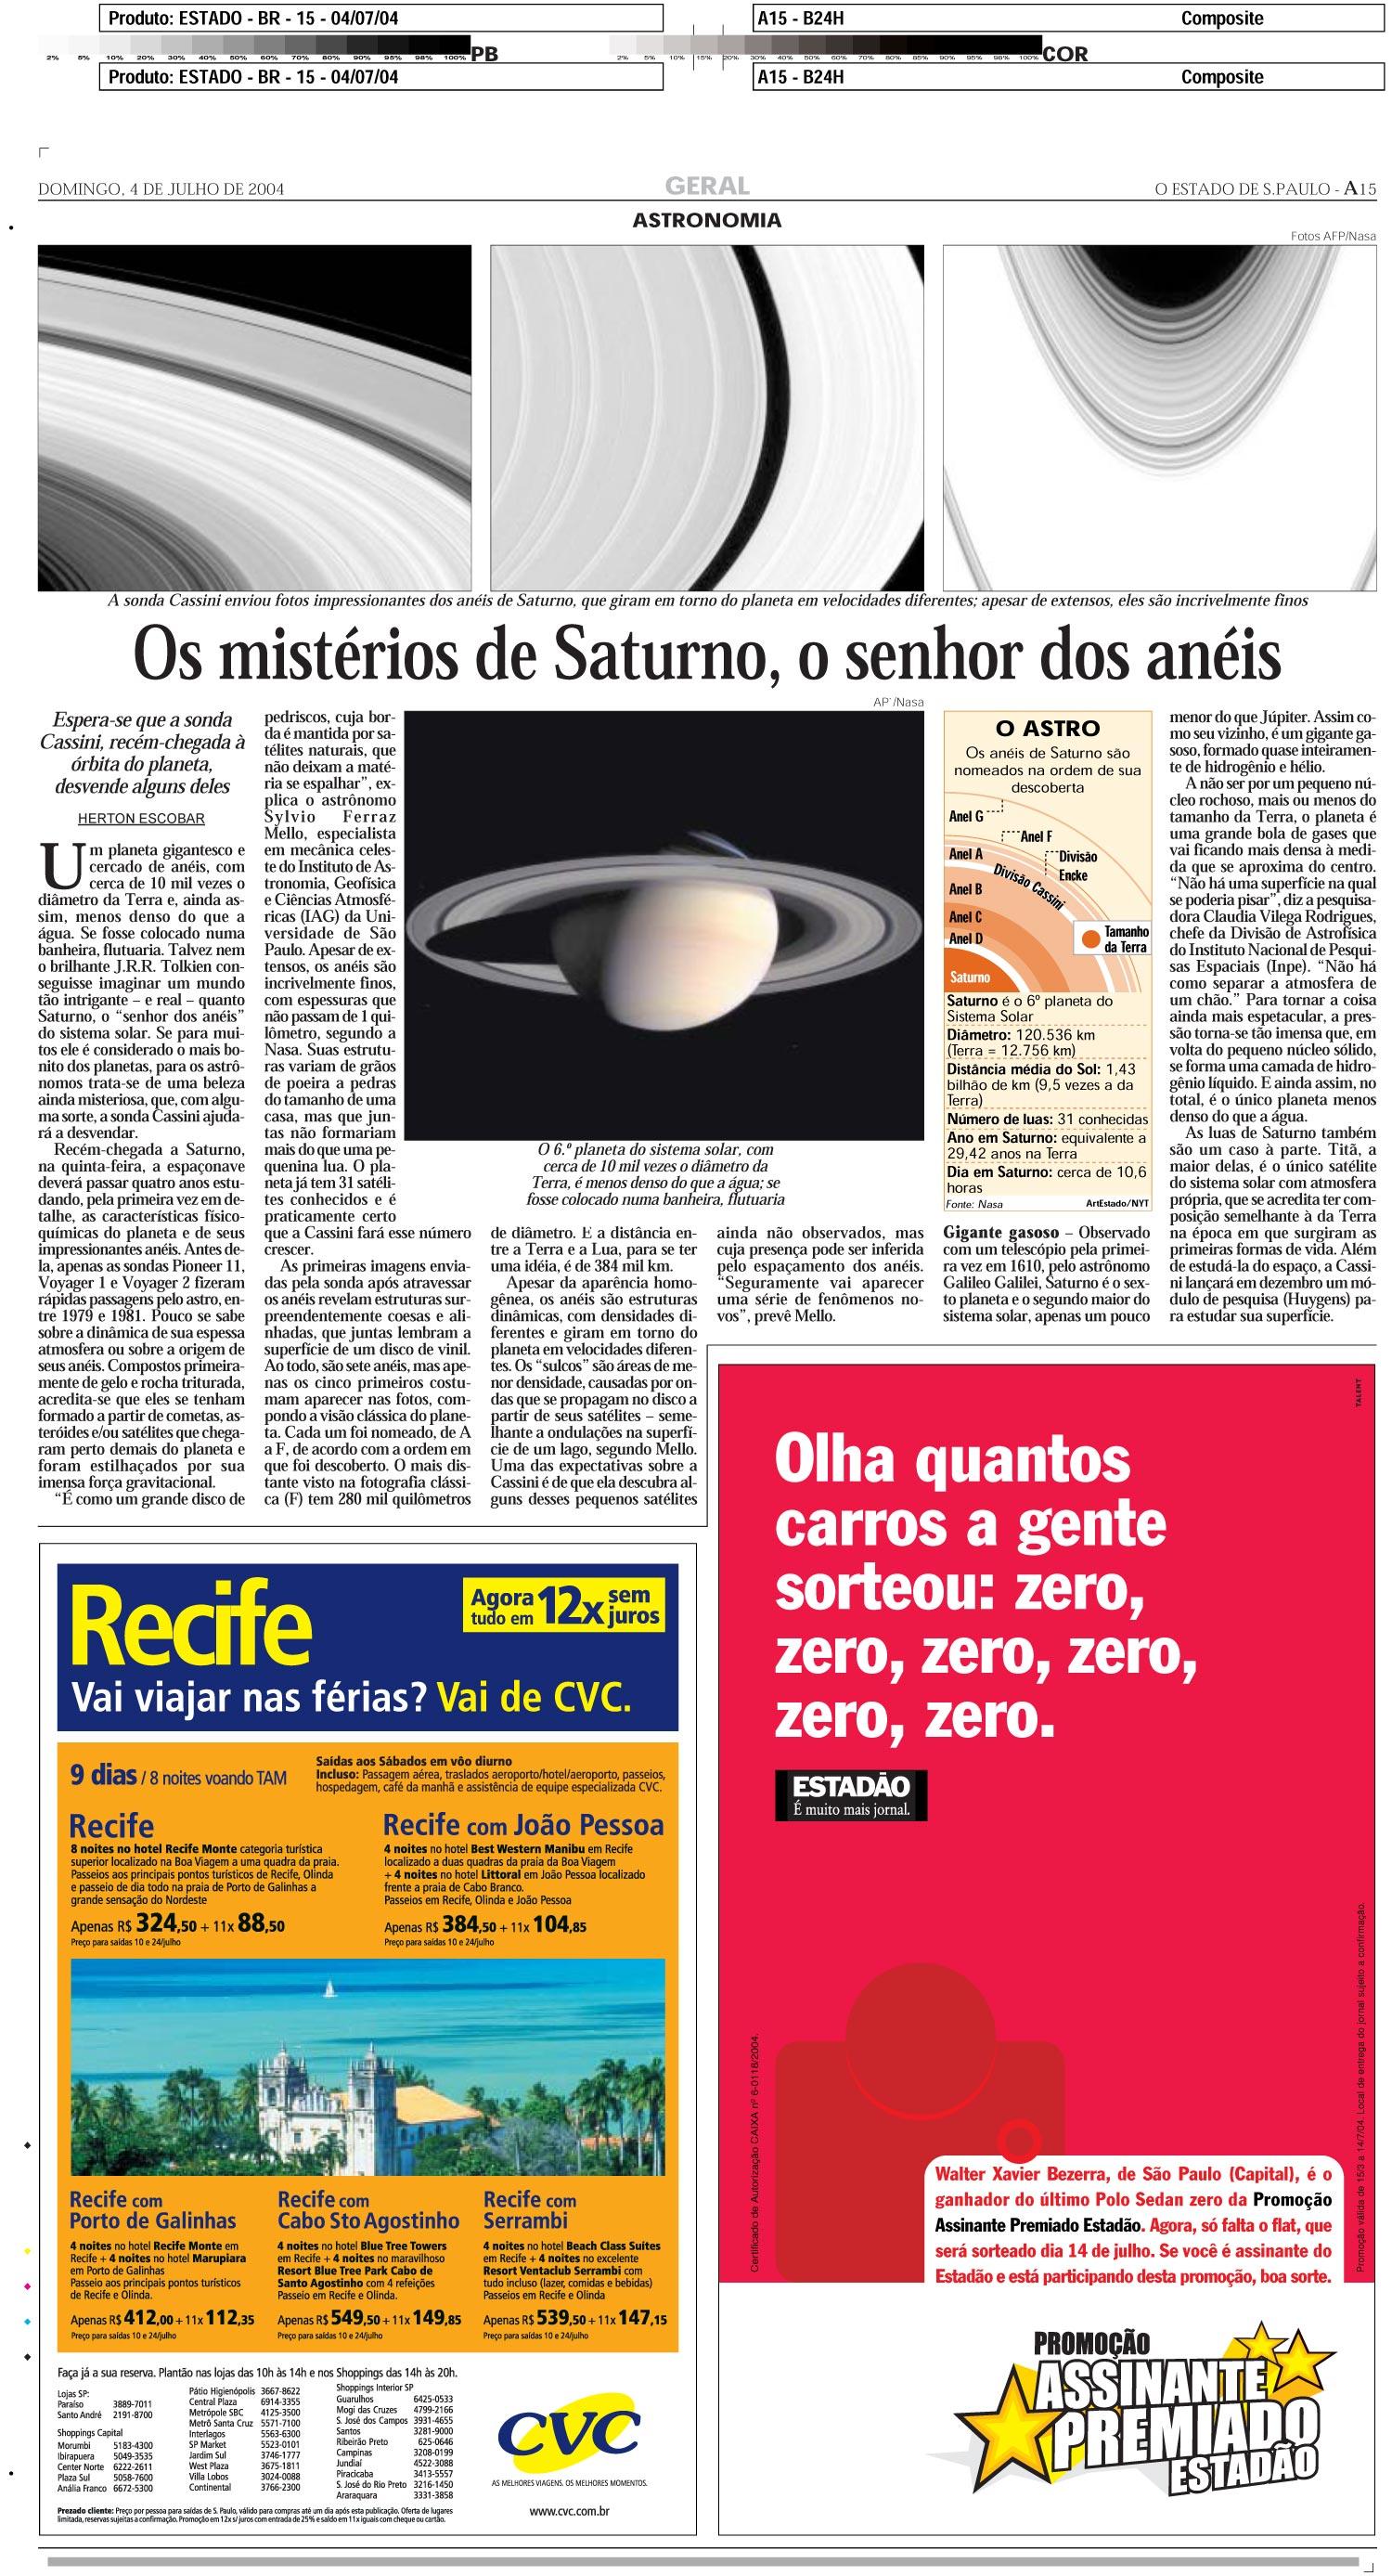 Os mistérios de Saturno, o senhor dos anéis